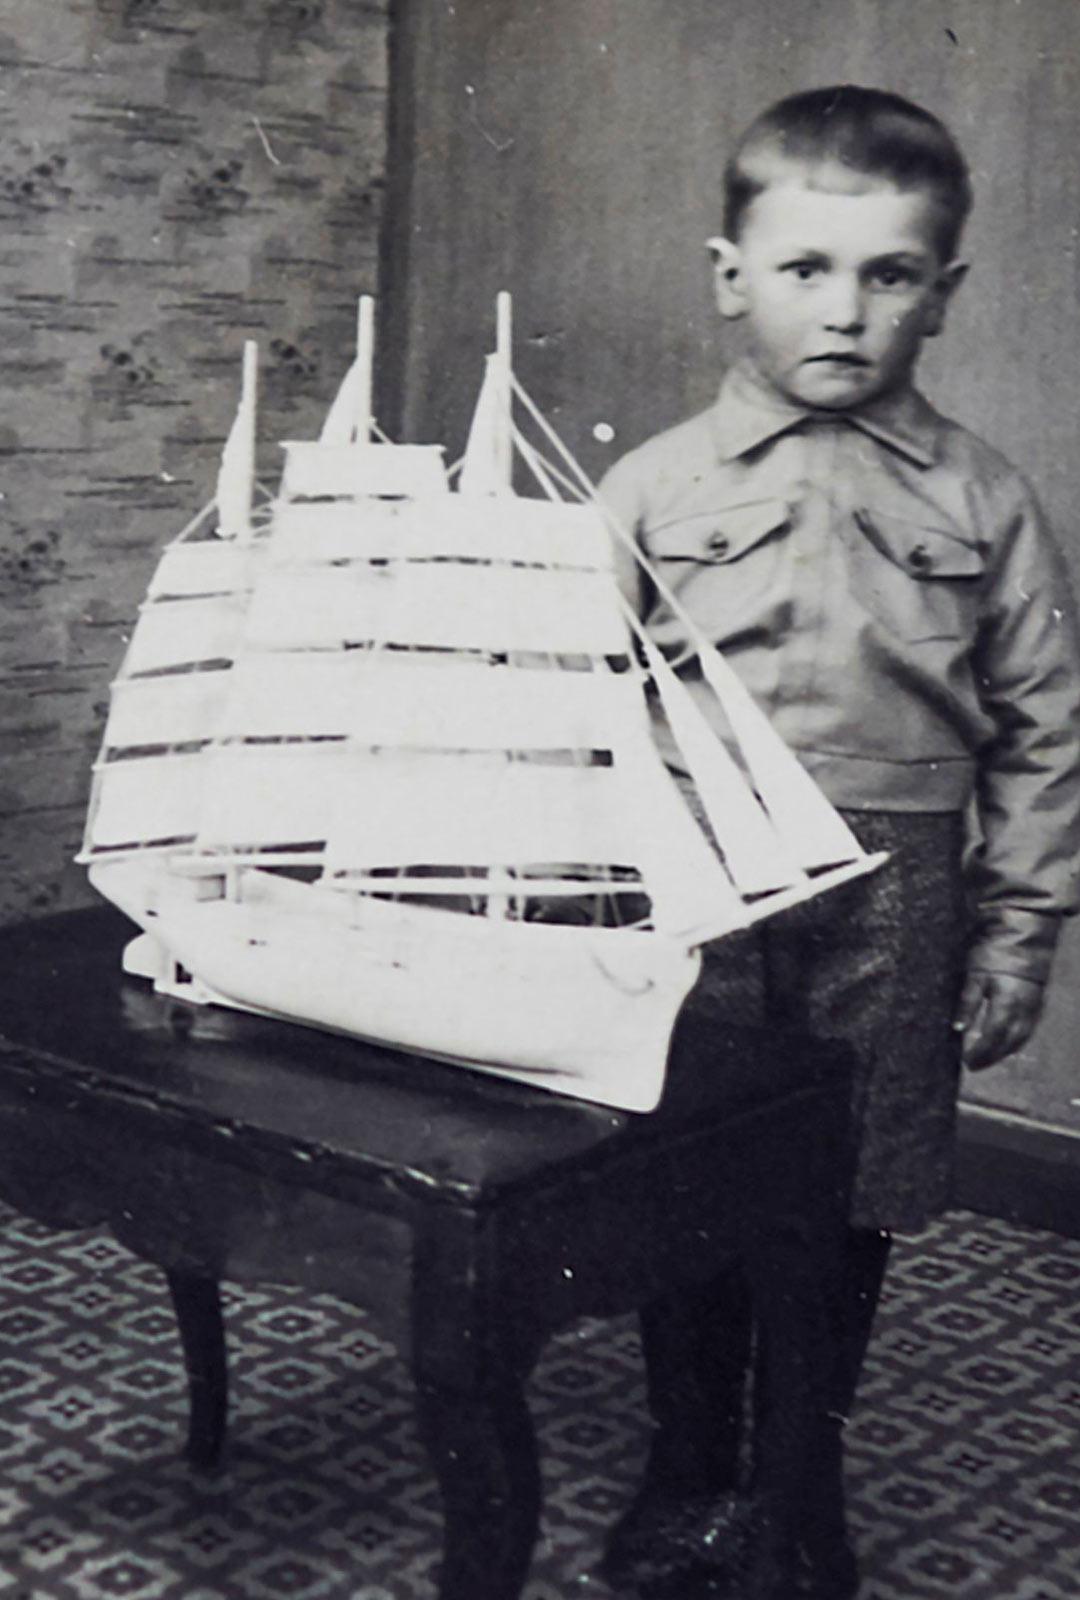 Viisivuotias evakko vuonna 1940.